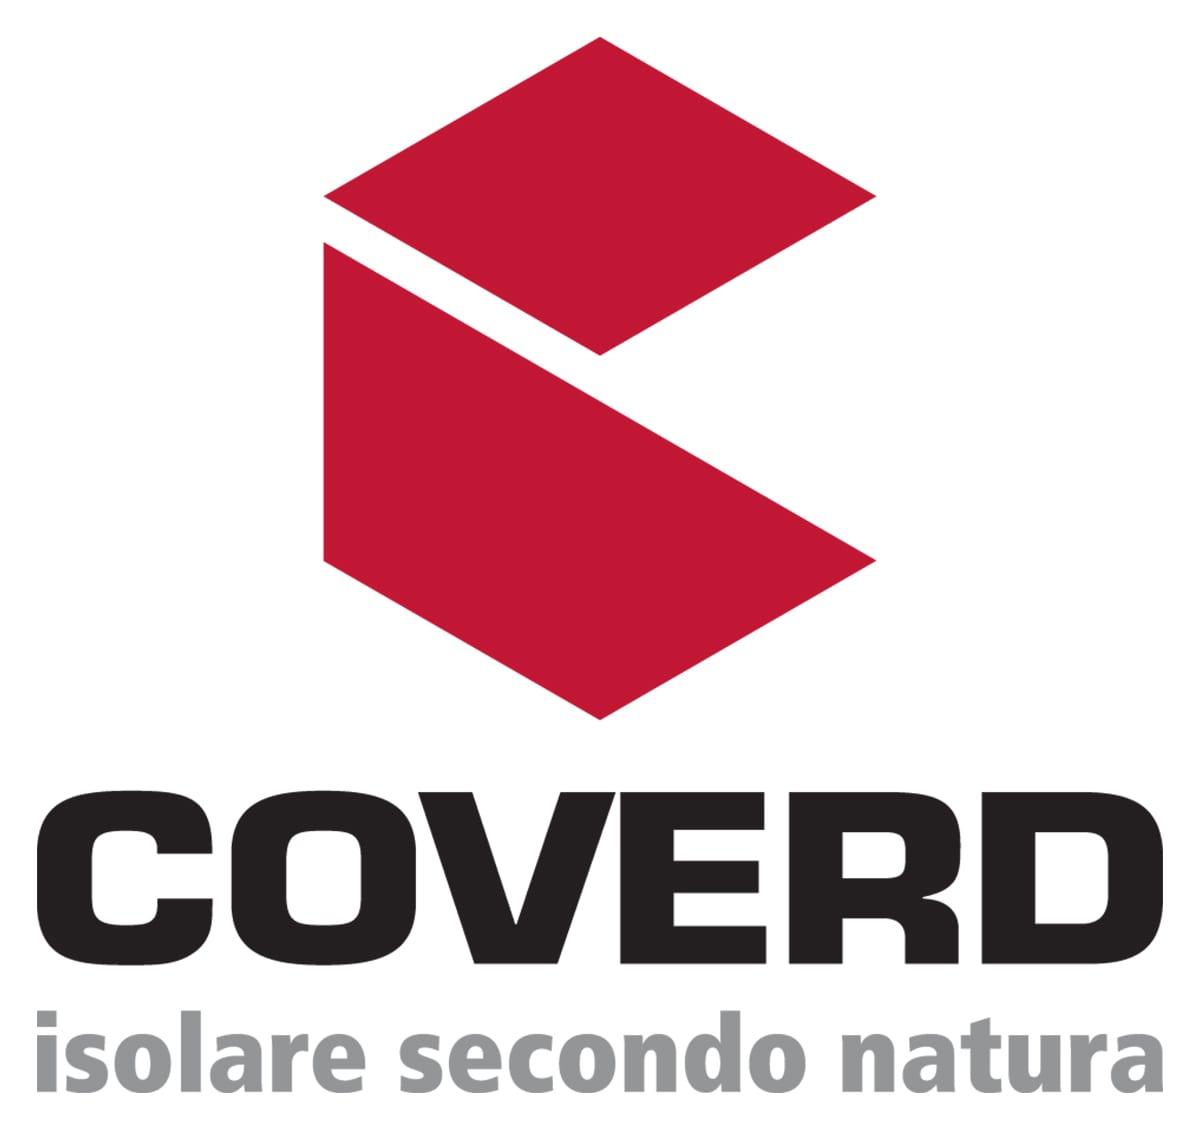 Coverd - isolare secondo natura